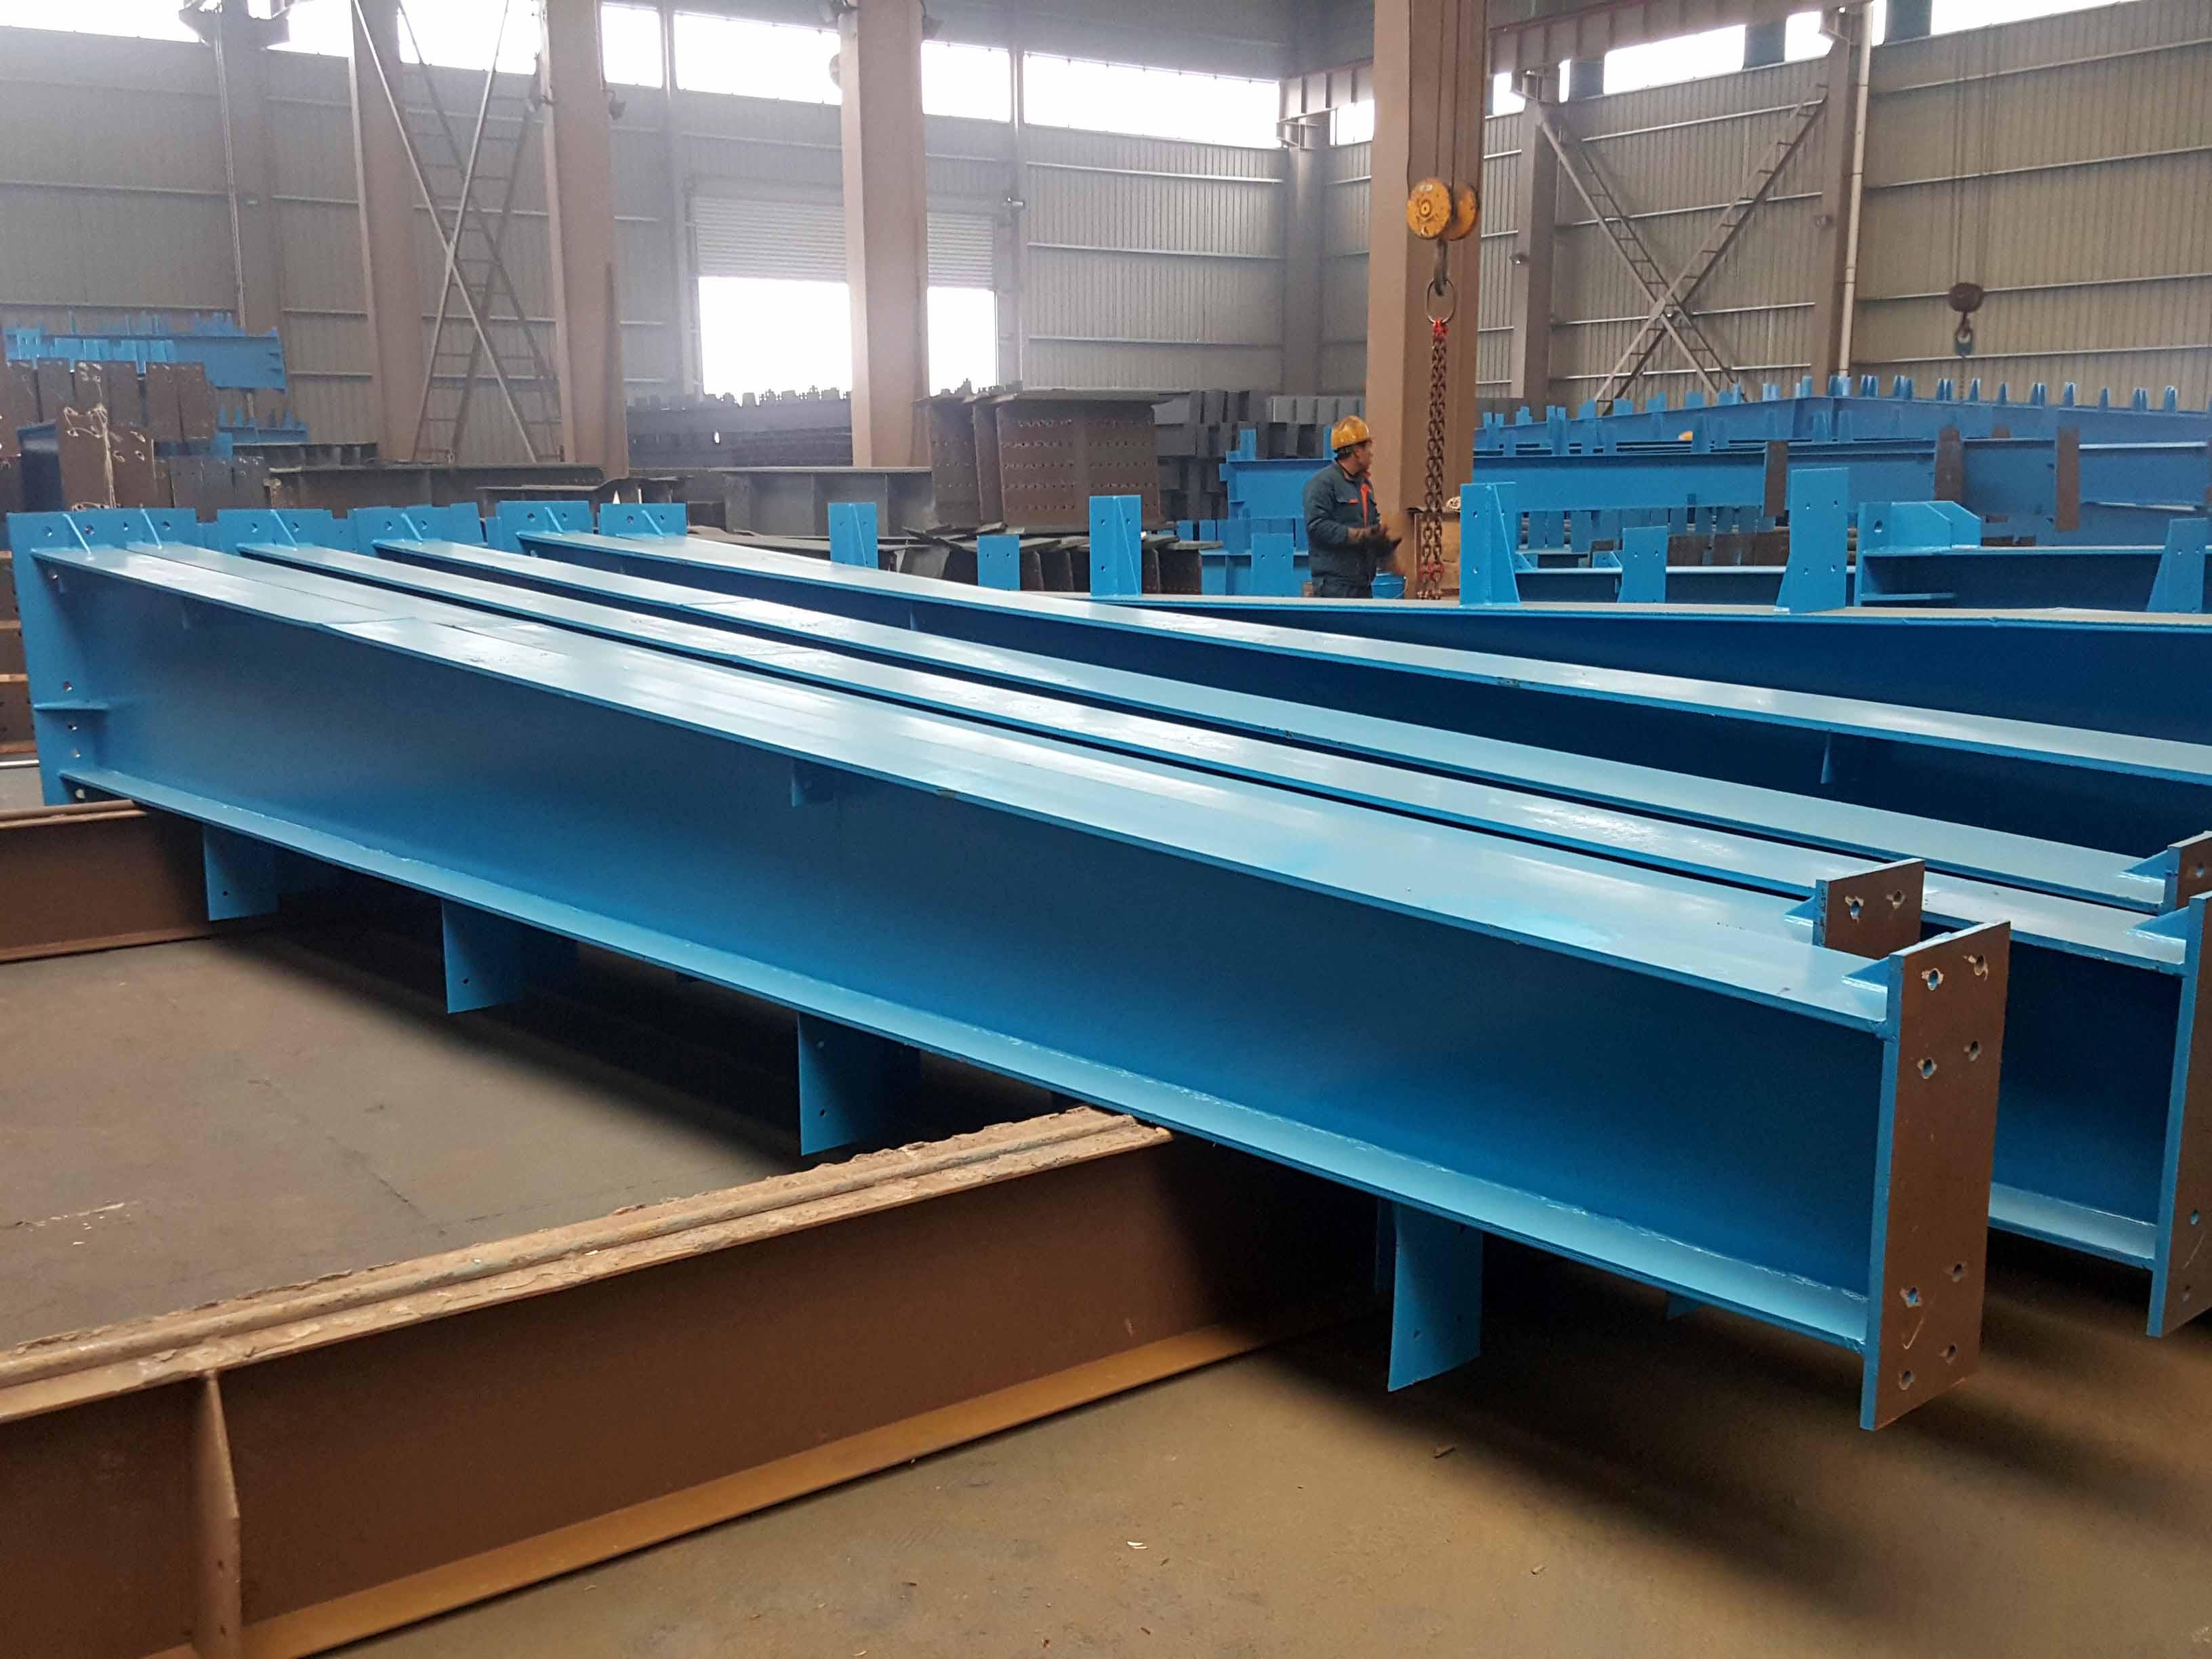 山西钢结构加工厂生产厂家哪里有,太原钢结构加工费一般多少钱一吨?